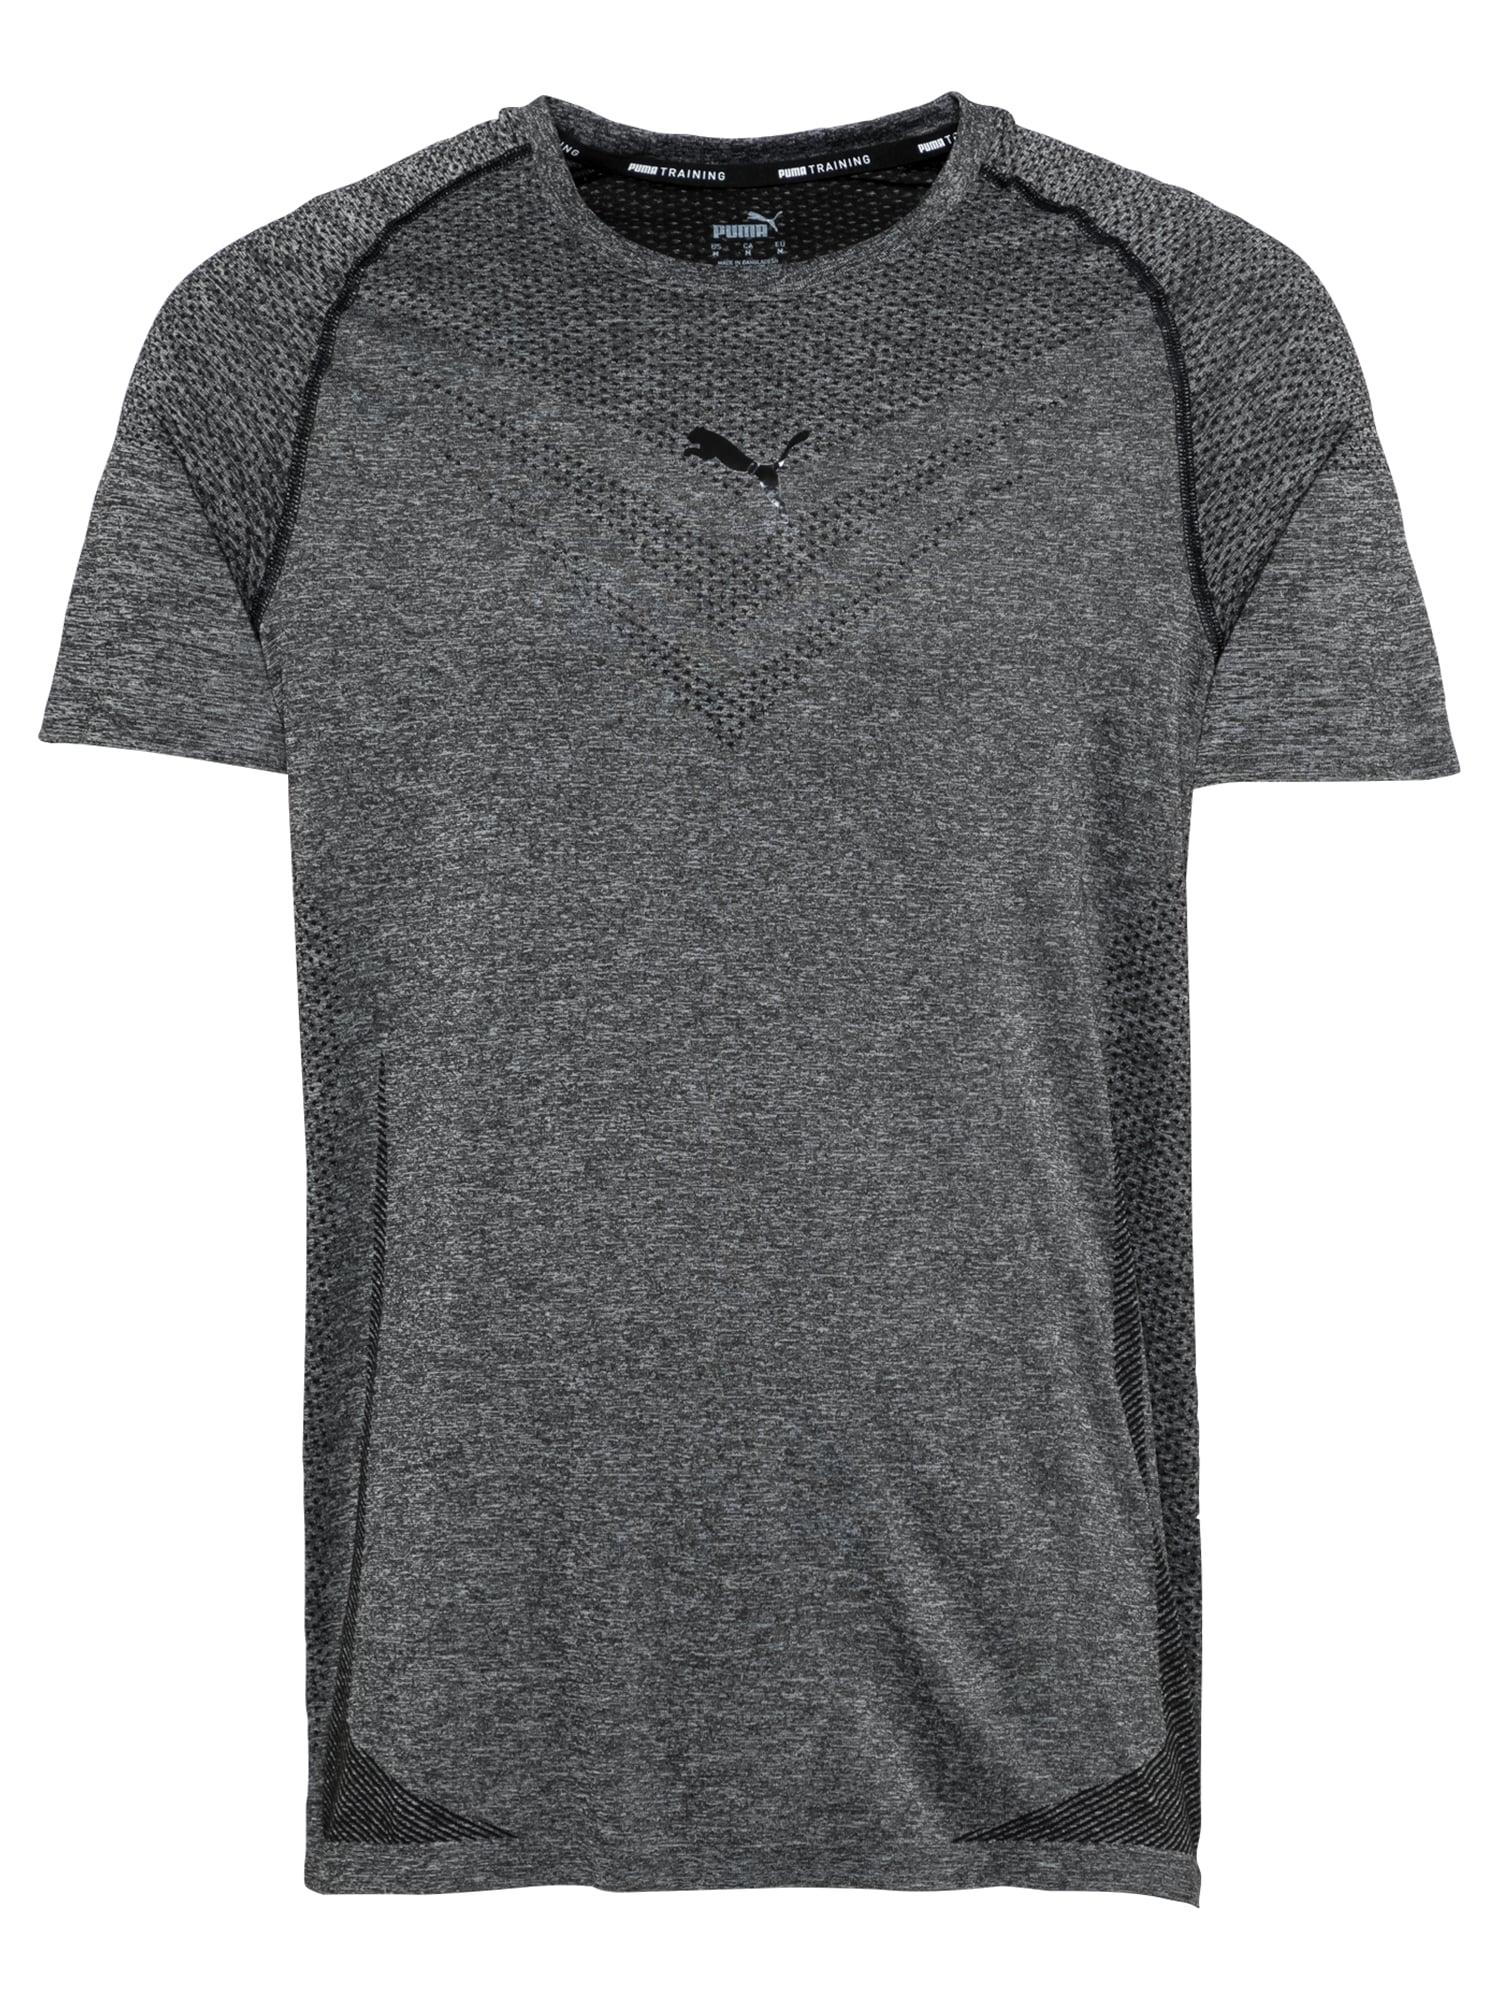 PUMA Sportiniai marškinėliai margai juoda